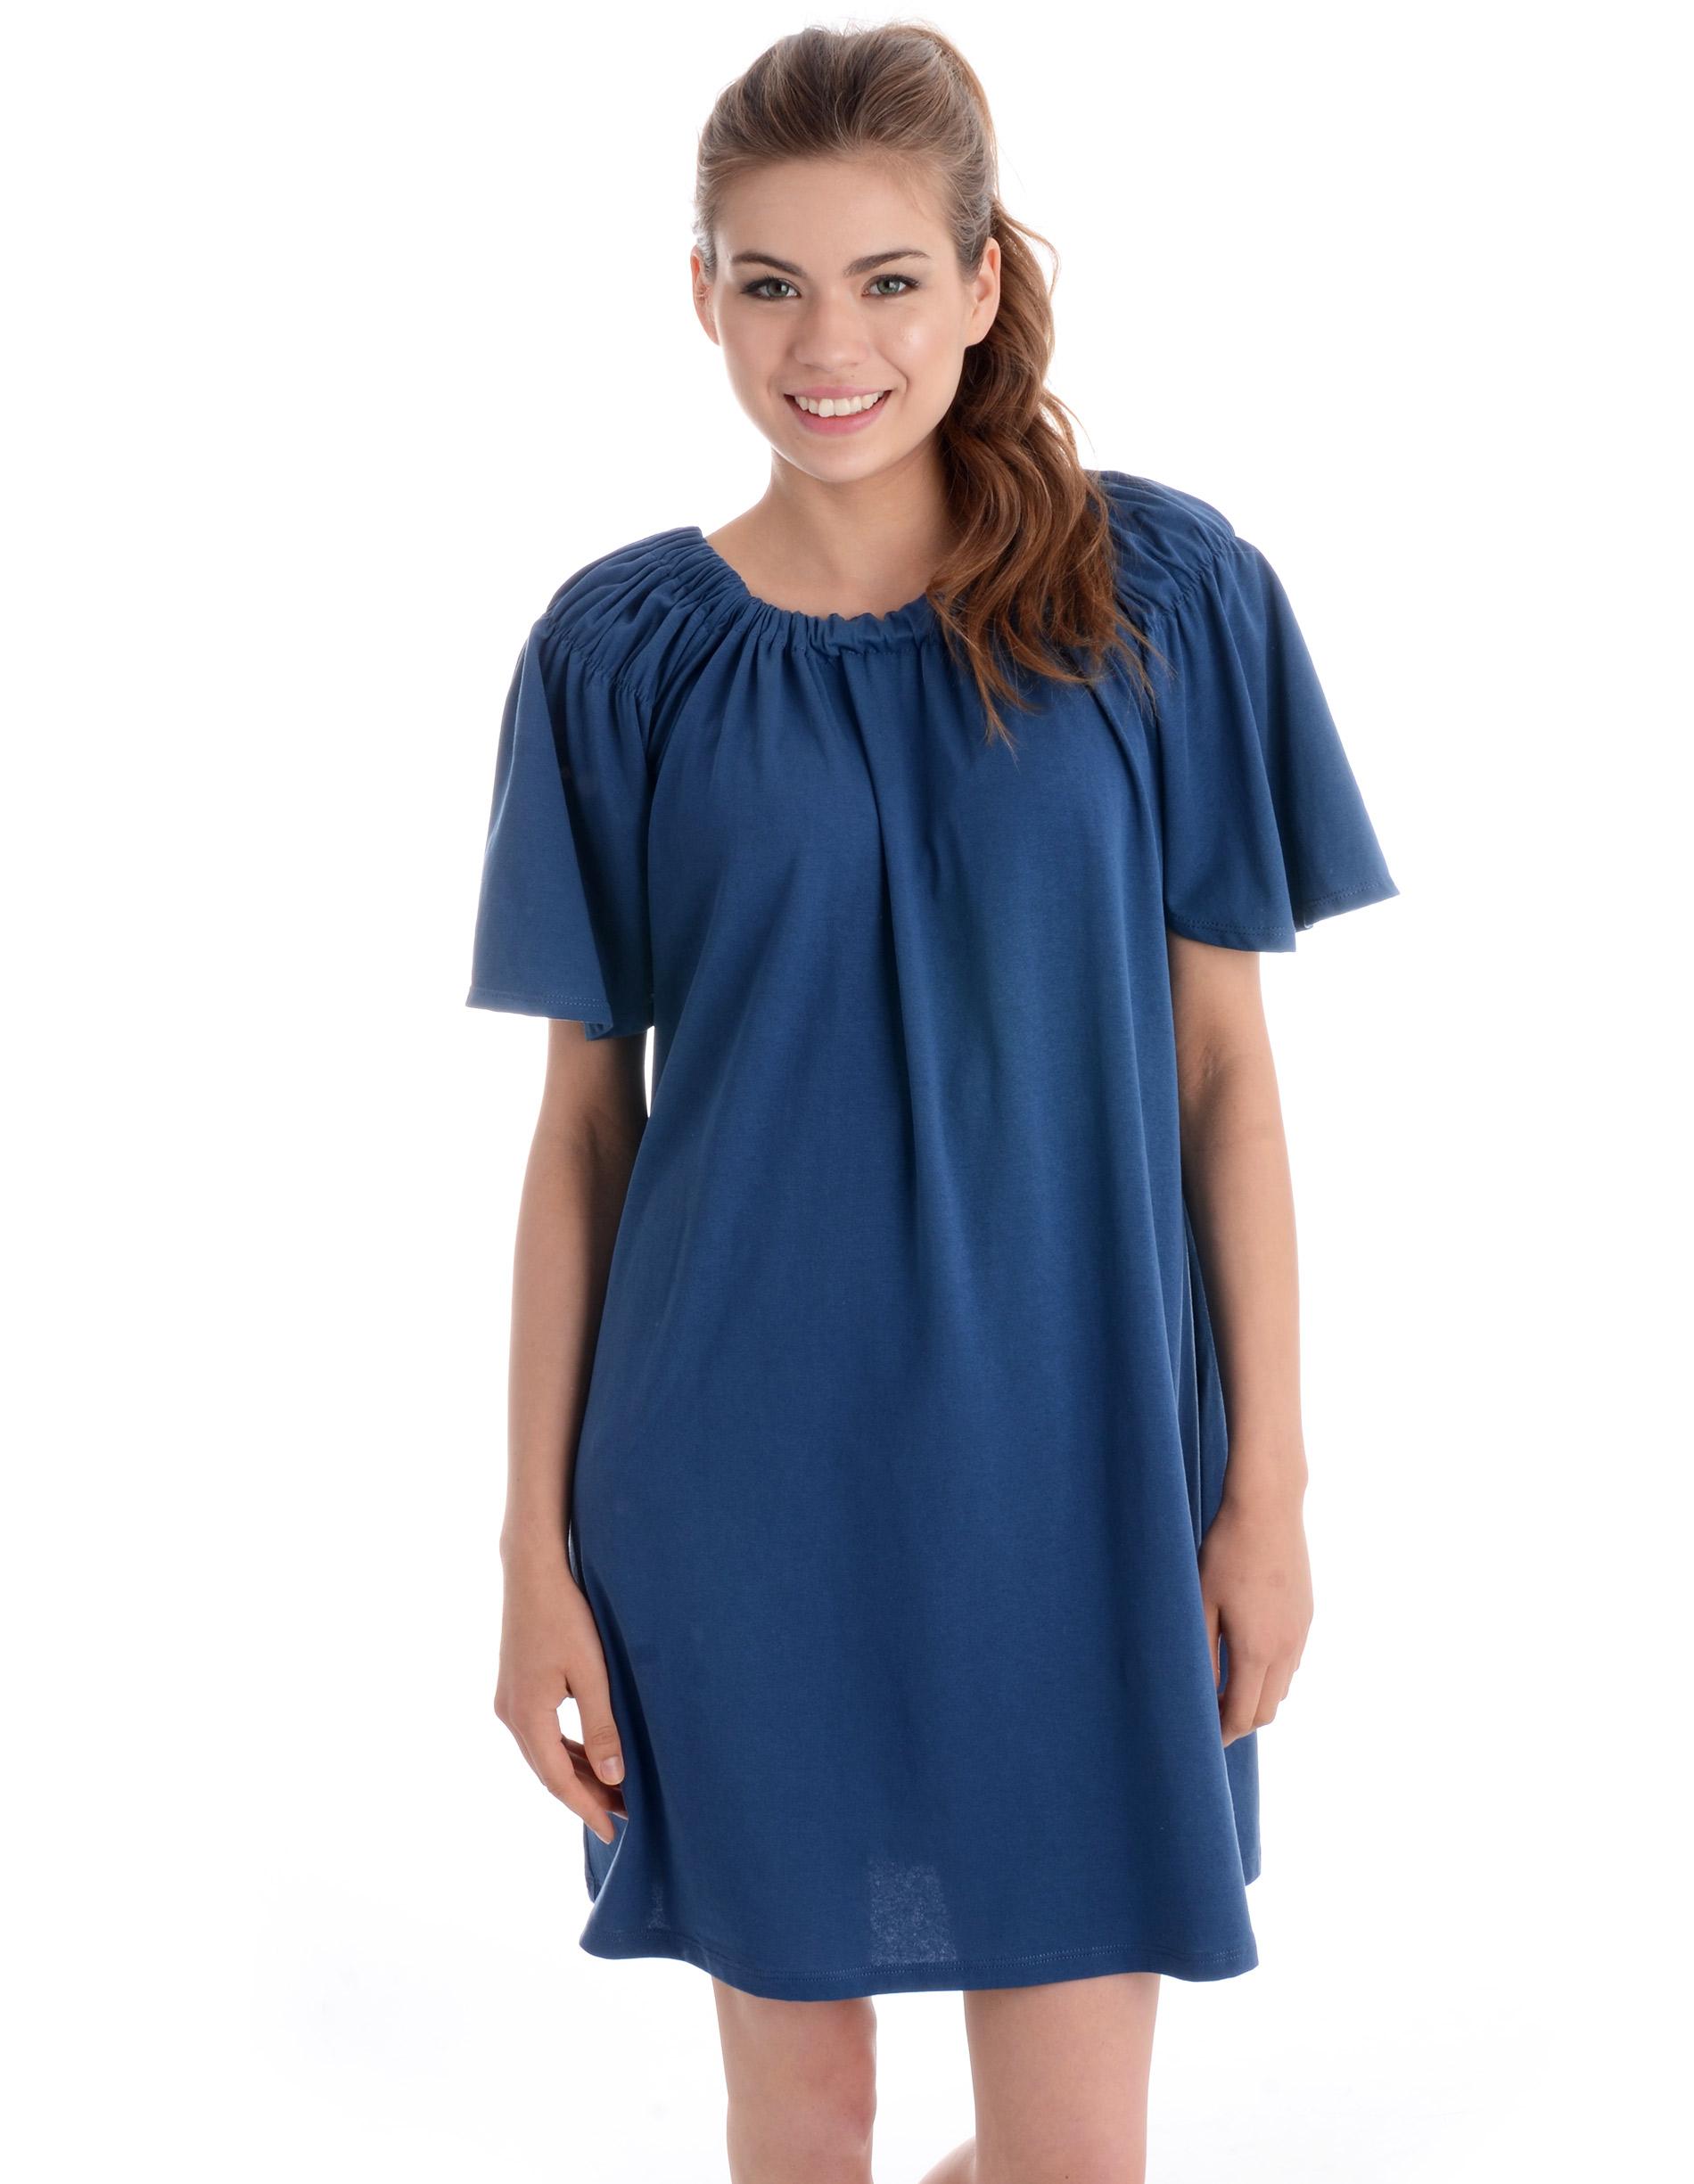 Sukienka - 30-86150 JEAN - Unisono